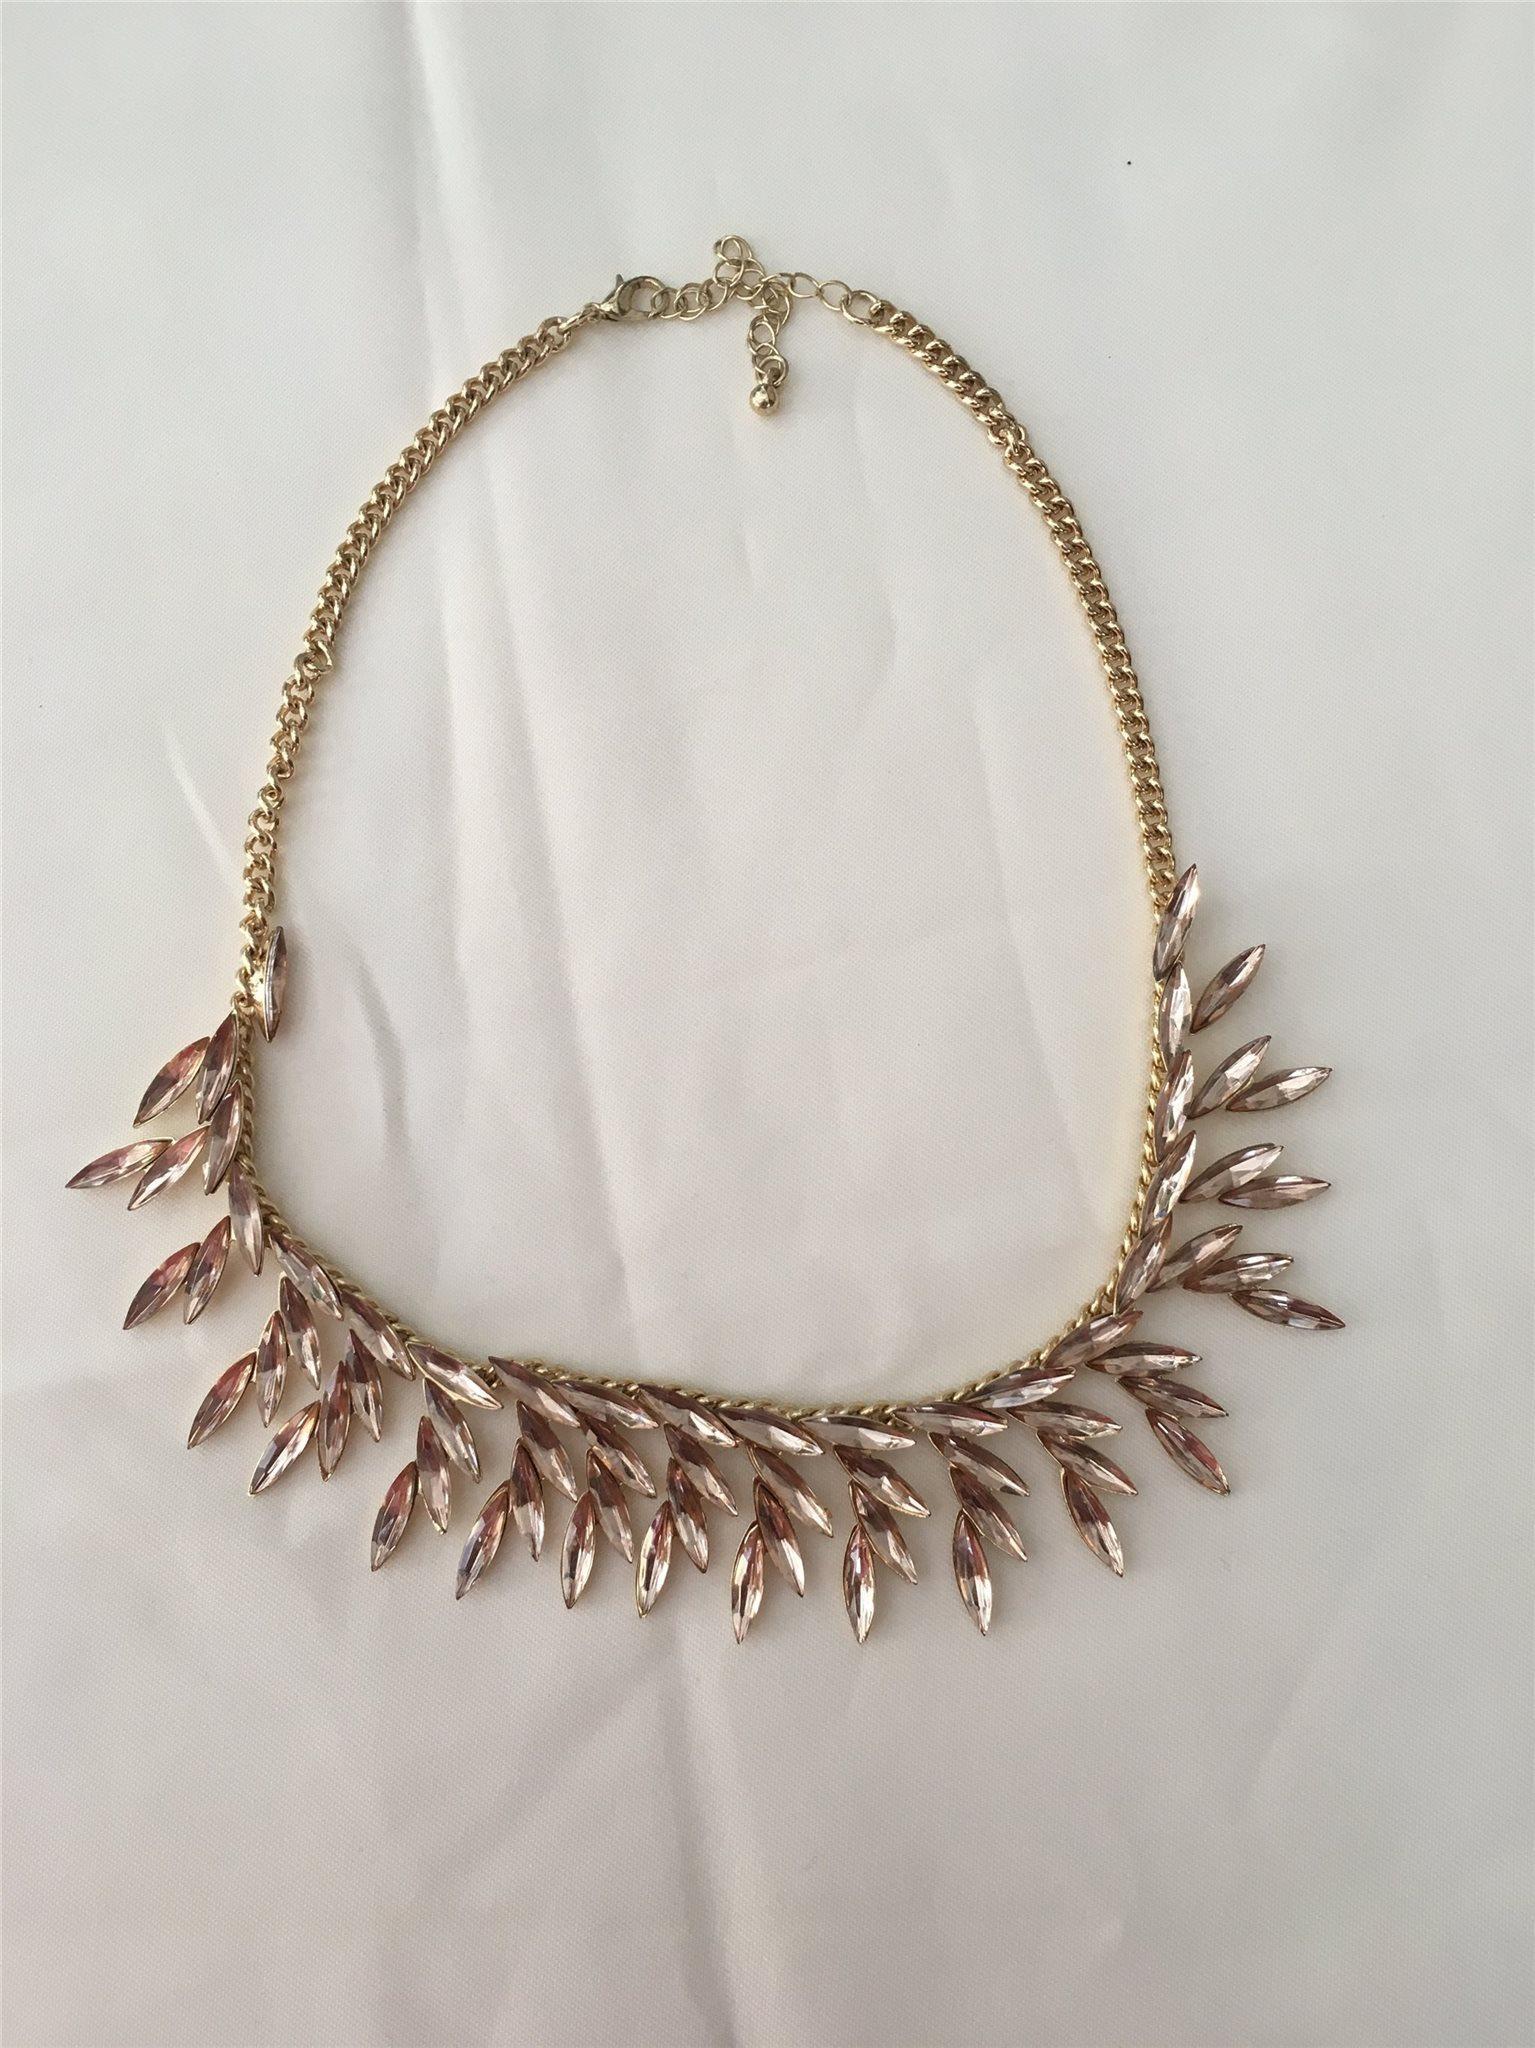 Vackert halsband med rose stenar (337557427) ᐈ Köp på Tradera 743126bd91ca3